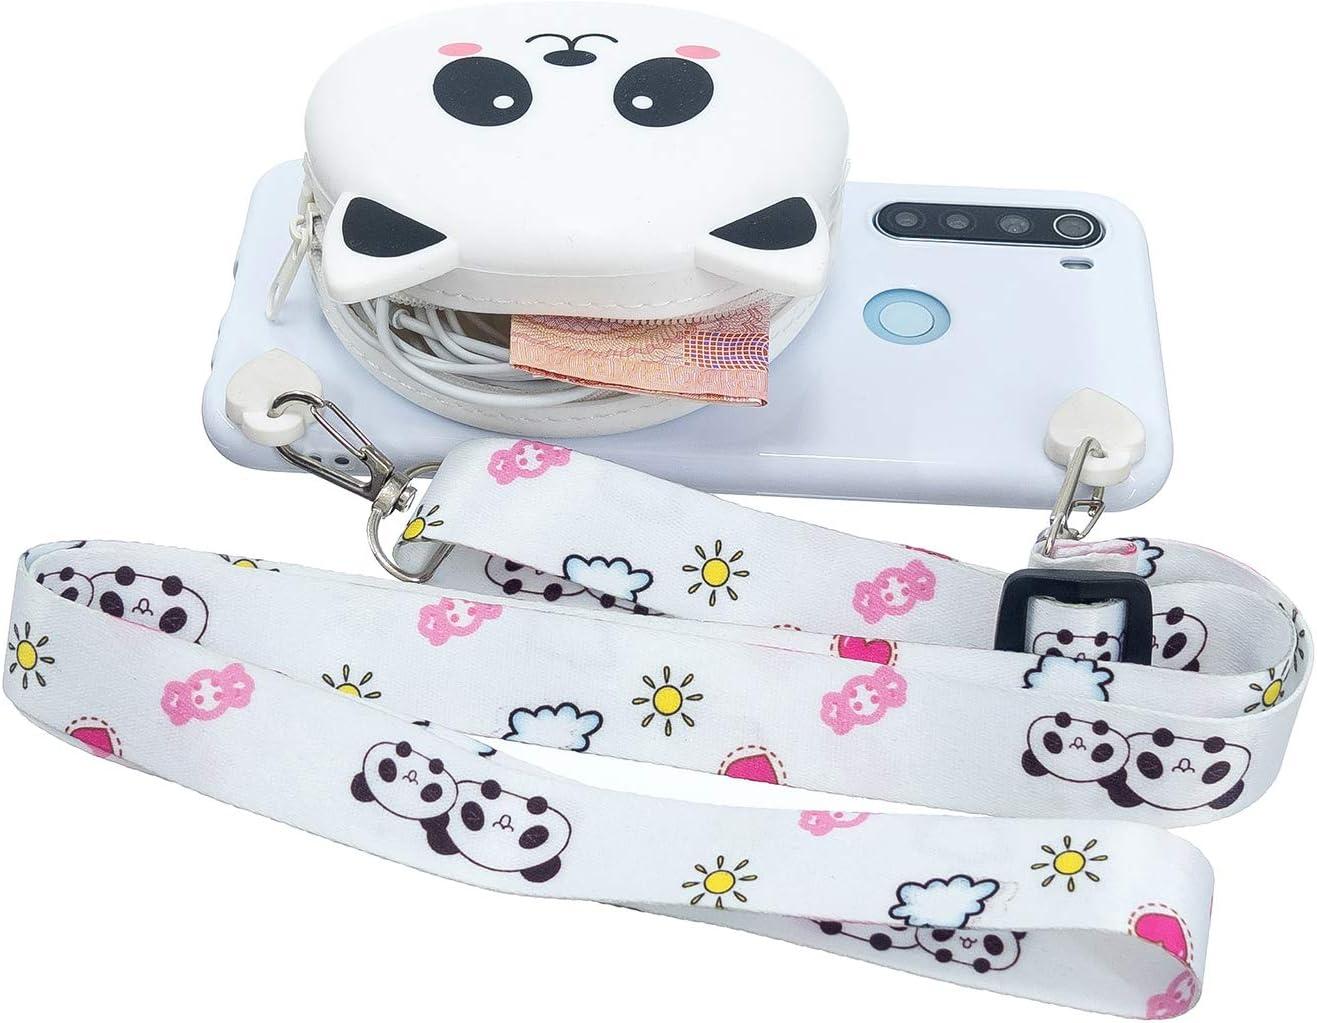 H/ülle Handyh/ülle Glitzer Case Tasche PU Leder Klapph/ülle Gl/änzend Glitter Brieftasche mit Kartenfach Flip Cover Handytasche f/ür Redmi Note 8 Pro,Gold CTIUYA Schutzh/ülle f/ür Xiaomi Redmi Note 8 Pro